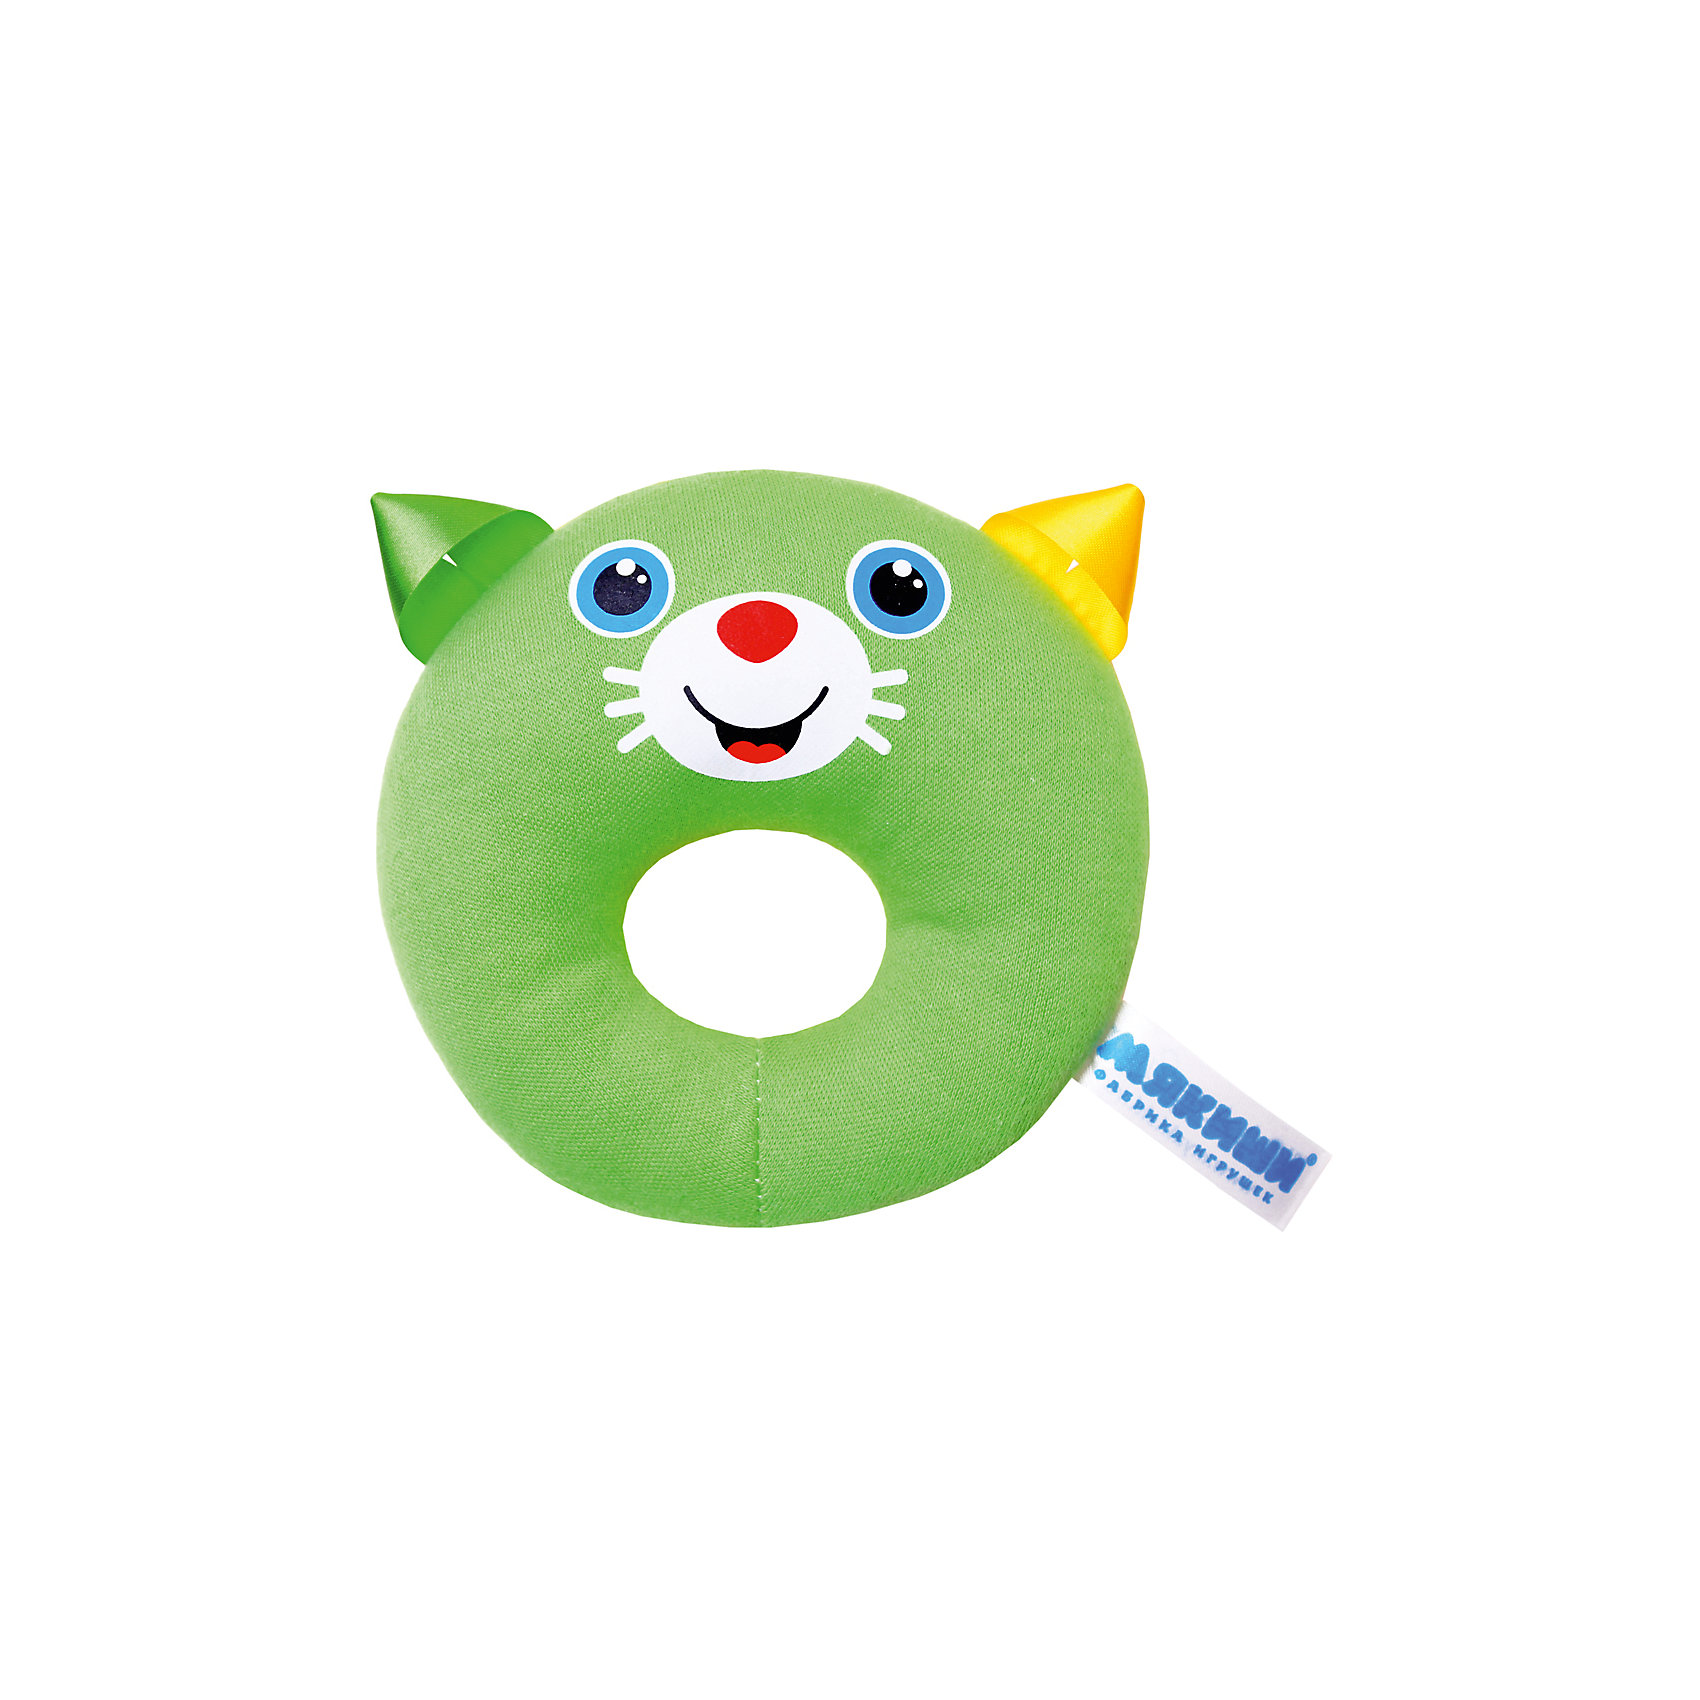 Колечко Котёнок, МякишиМягкие игрушки<br>Характеристики товара:<br><br>• материал: разнофактурный текстиль, поролон<br>• комплектация: 1 шт<br>• размер игрушки: 16х24х3 см<br>• звуковой элемент<br>• развивающая игрушка<br>• упаковка: пакет<br>• страна бренда: РФ<br>• страна изготовитель: РФ<br><br>Малыши активно познают мир и тянутся к новой информации. Чтобы сделать процесс изучения окружающего пространства интереснее, ребенку можно подарить развивающие игрушки. В процессе игры информация усваивается намного лучше!<br>Такие игрушки помогут занять малыша, играть ими приятно и весело. Одновременно они позволят познакомиться со многими цветами, фактурами, а также научиться извлекать звук. Подобные игрушки развивают тактильные ощущения, моторику, цветовосприятие, логику, воображение, учат фокусировать внимание. Каждое изделие абсолютно безопасно – оно создано из качественной ткани с мягким наполнителем. Игрушки производятся из качественных и проверенных материалов, которые безопасны для детей.<br><br>Колечко Котёнок от бренда Мякиши можно купить в нашем интернет-магазине.<br><br>Ширина мм: 120<br>Глубина мм: 30<br>Высота мм: 120<br>Вес г: 90<br>Возраст от месяцев: 12<br>Возраст до месяцев: 36<br>Пол: Унисекс<br>Возраст: Детский<br>SKU: 5183216